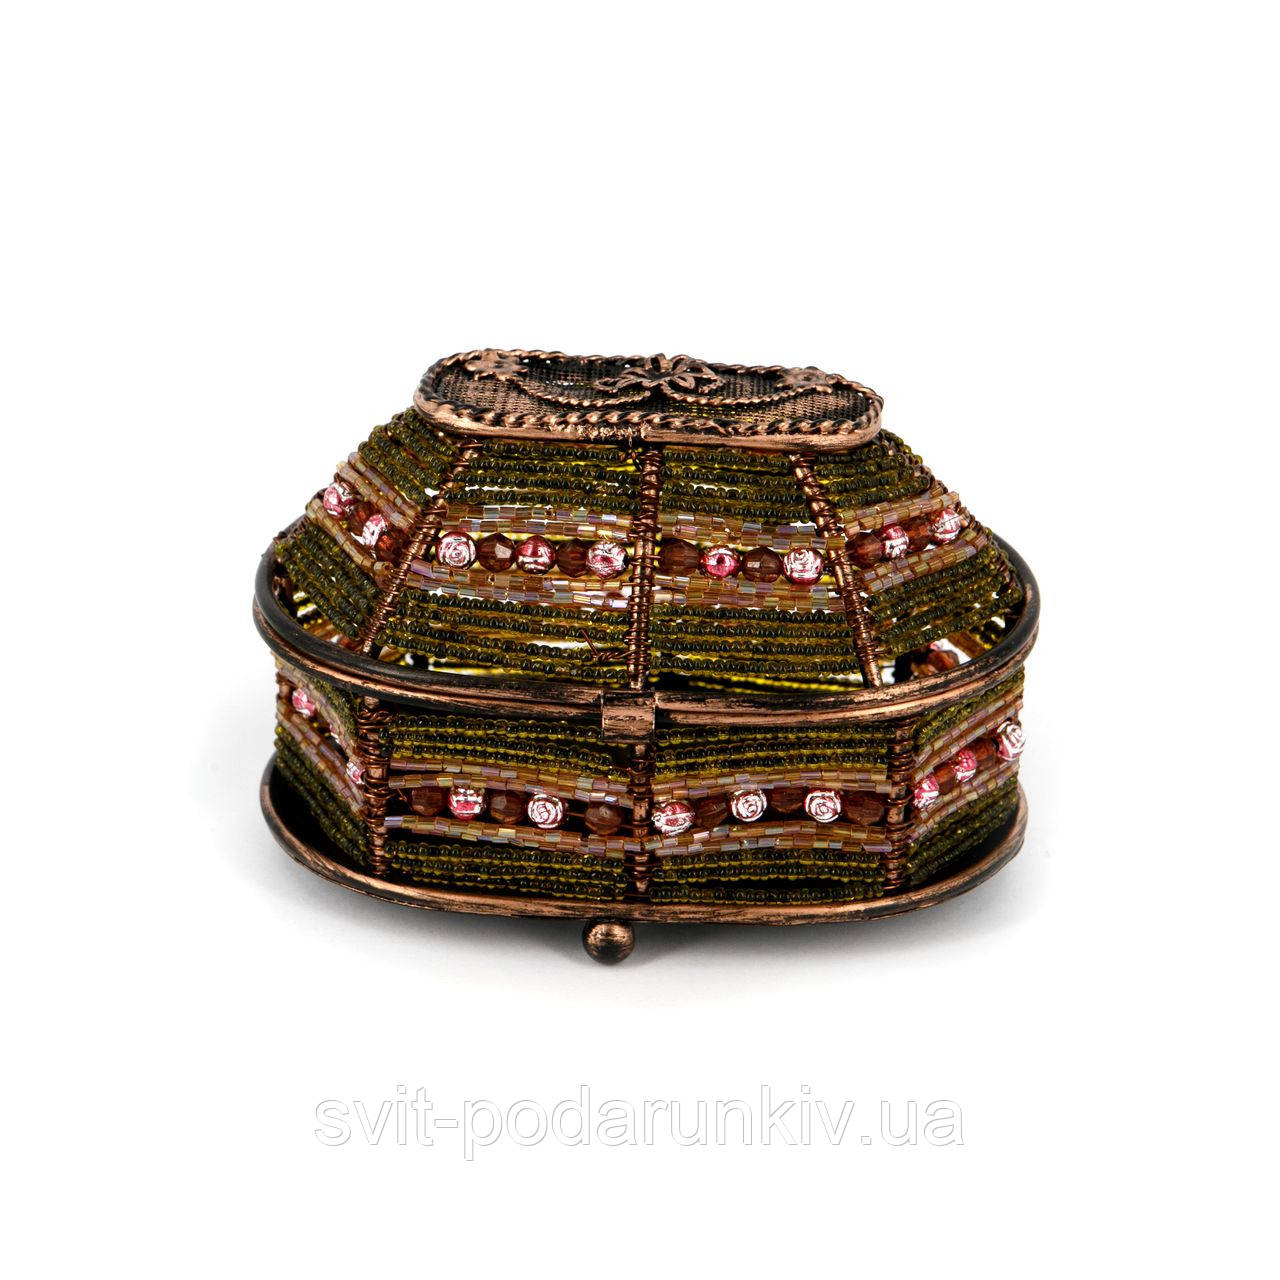 Шкатулка для украшений из бисера зелёная SC-1 - Svit Podarunkiv оригинальные подарки и сувениры в Киеве